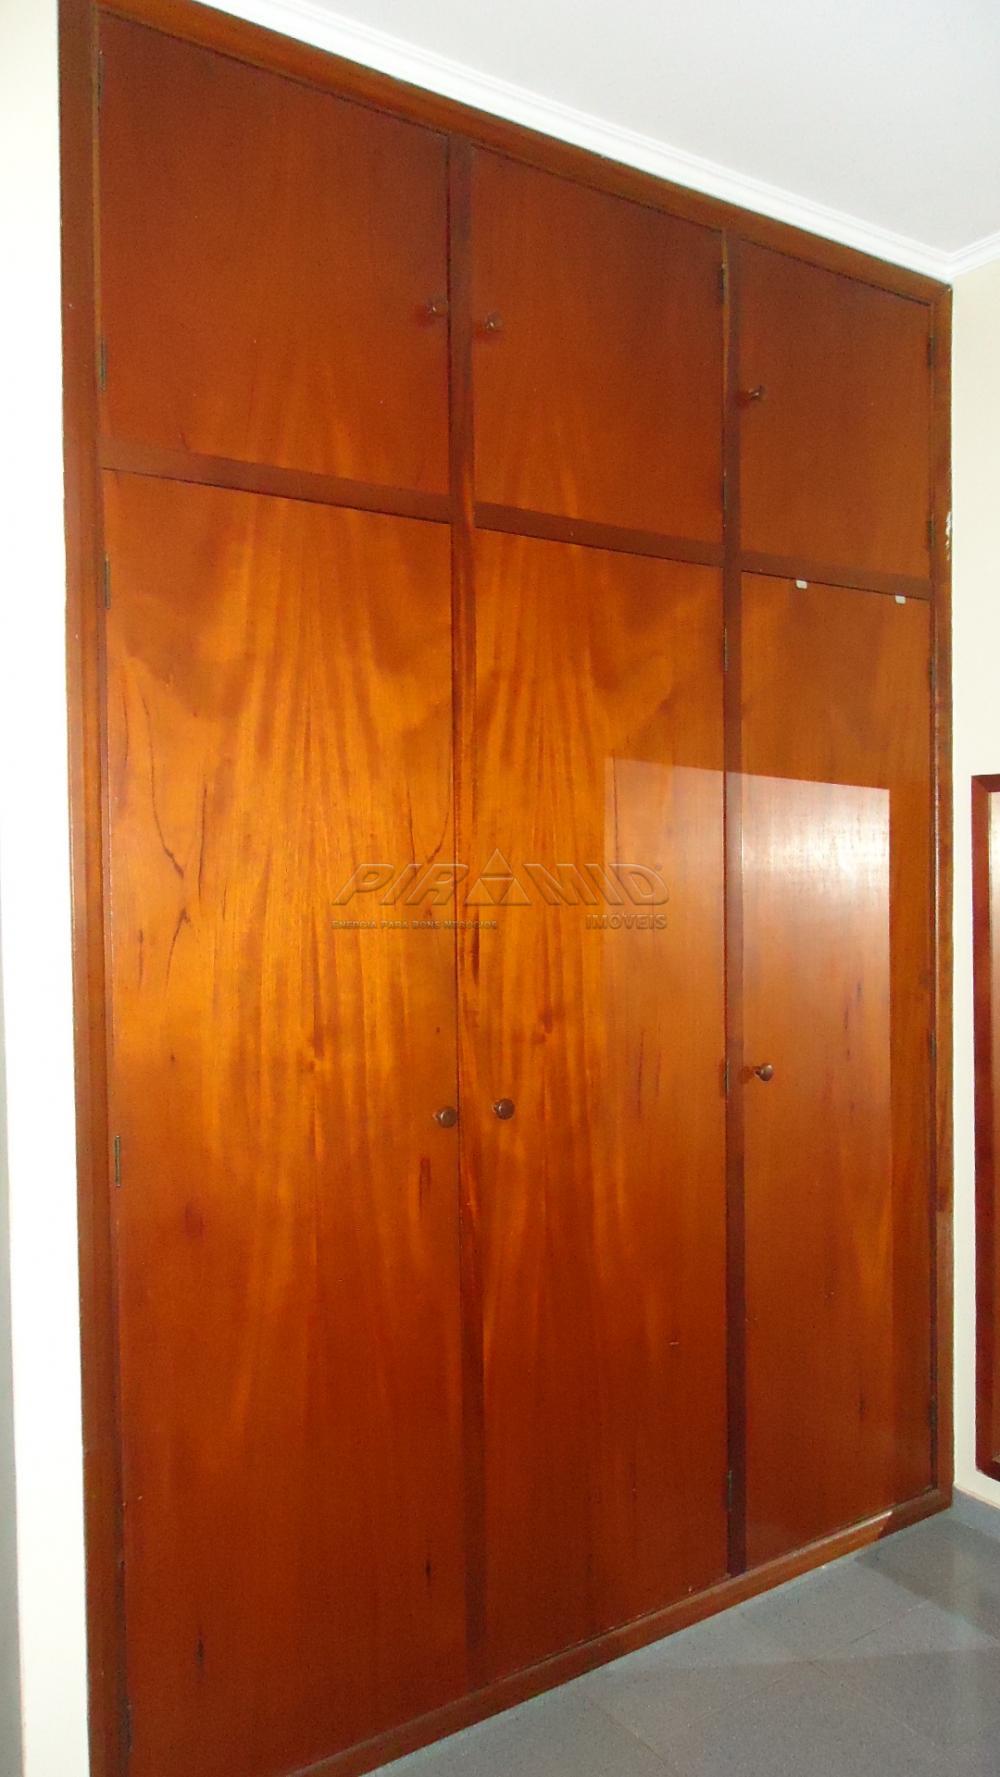 Alugar Casa / Padrão em Ribeirão Preto R$ 1.300,00 - Foto 7